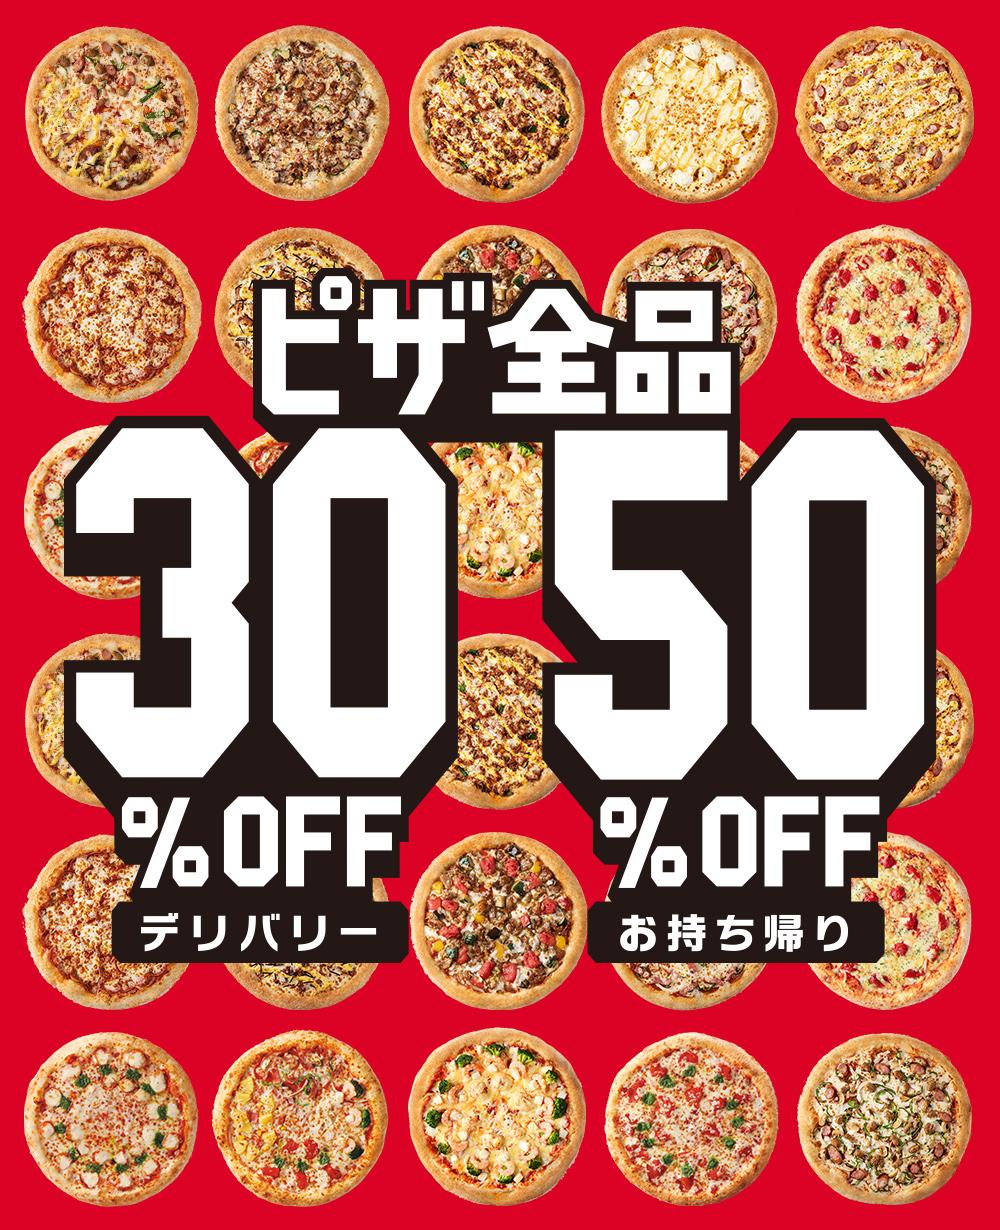 ピザハットのデリバリー30%OFF・持ち帰り50%OFFキャンペーン